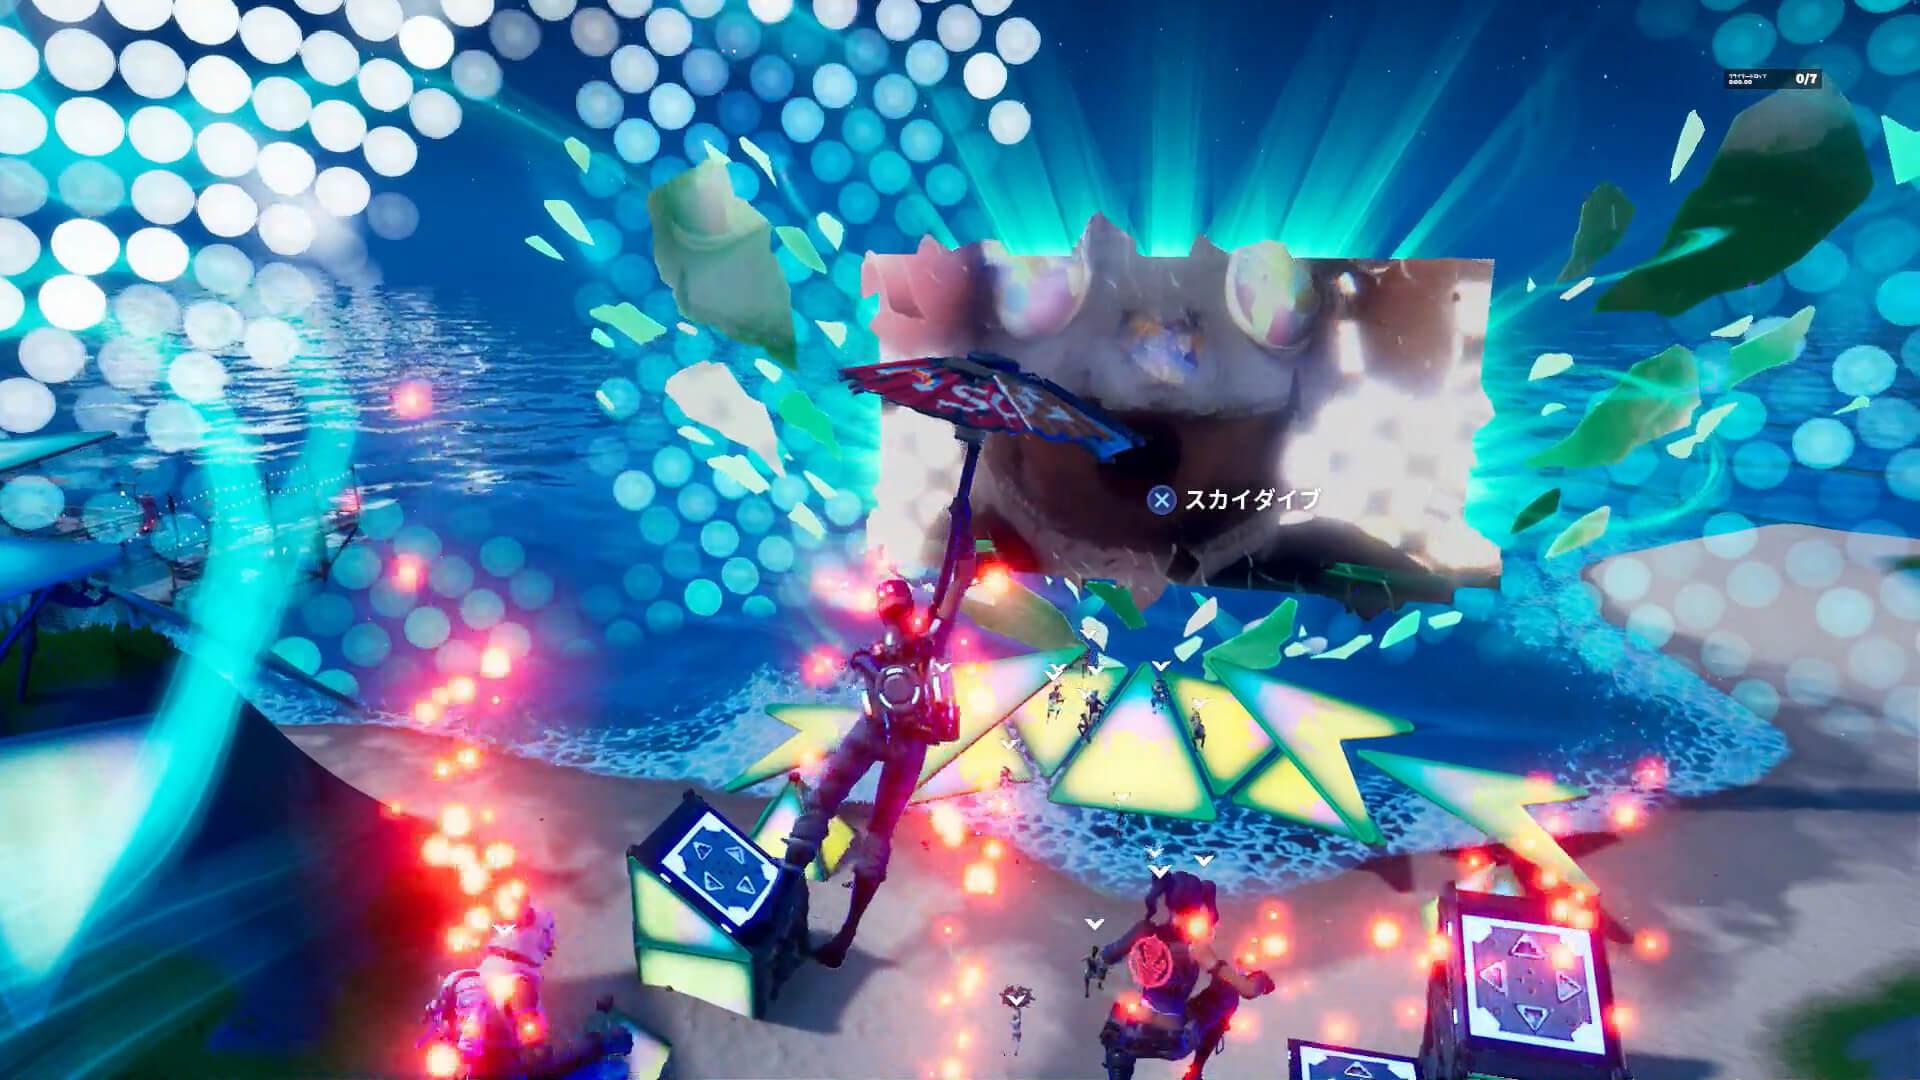 """米津玄師、『フォートナイト』パーティーロイヤルで""""新しく美しい一瞬""""を世界中のファンと共有! tech200807_yonezukenshi_fortnite_17"""